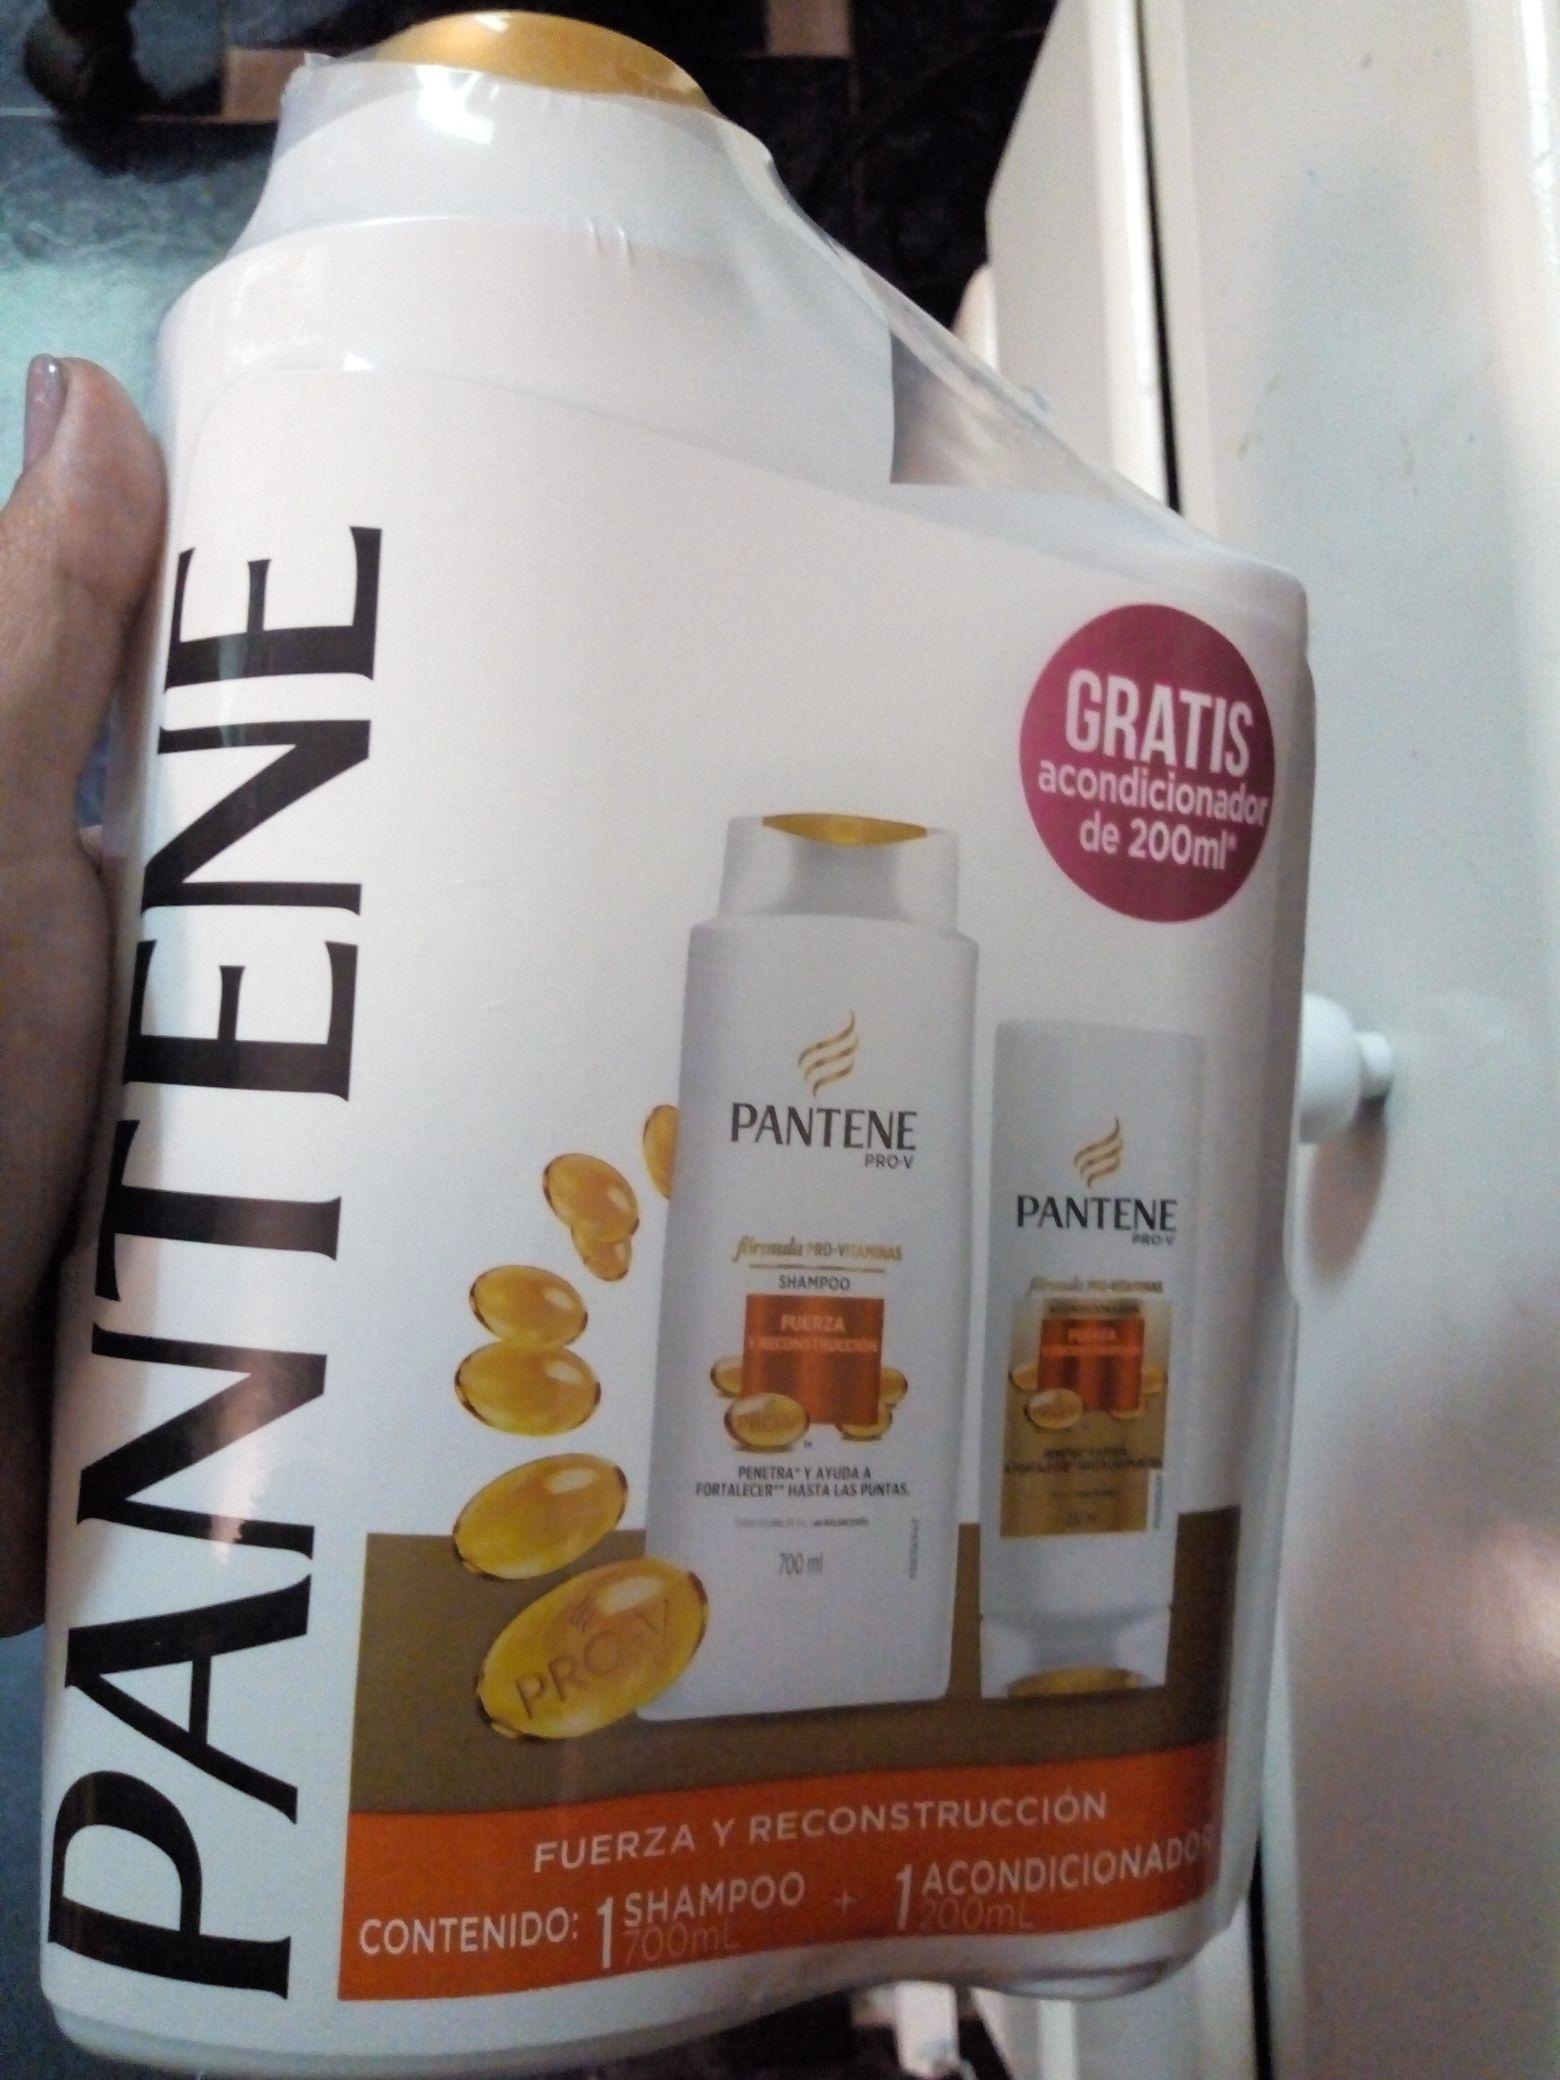 Soriana Hiper Zapamundi: Pantene paquete dos piezas (shampoo y acondicionador) y cera modeladora Xtreme